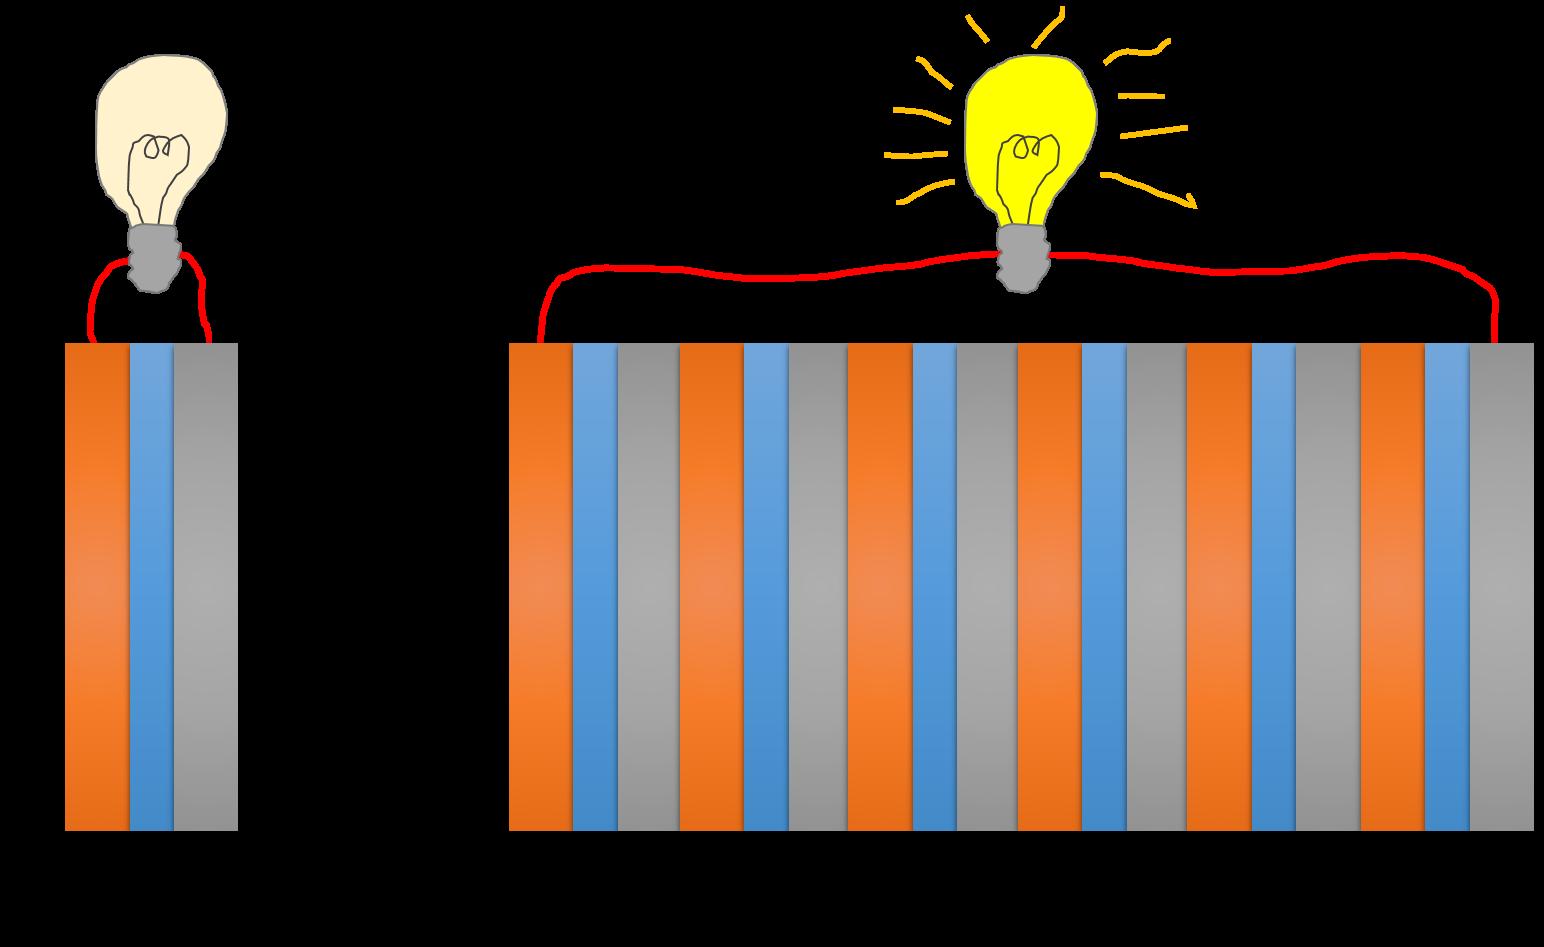 Hoe meer platen, hoe hoger de spanning of voltage